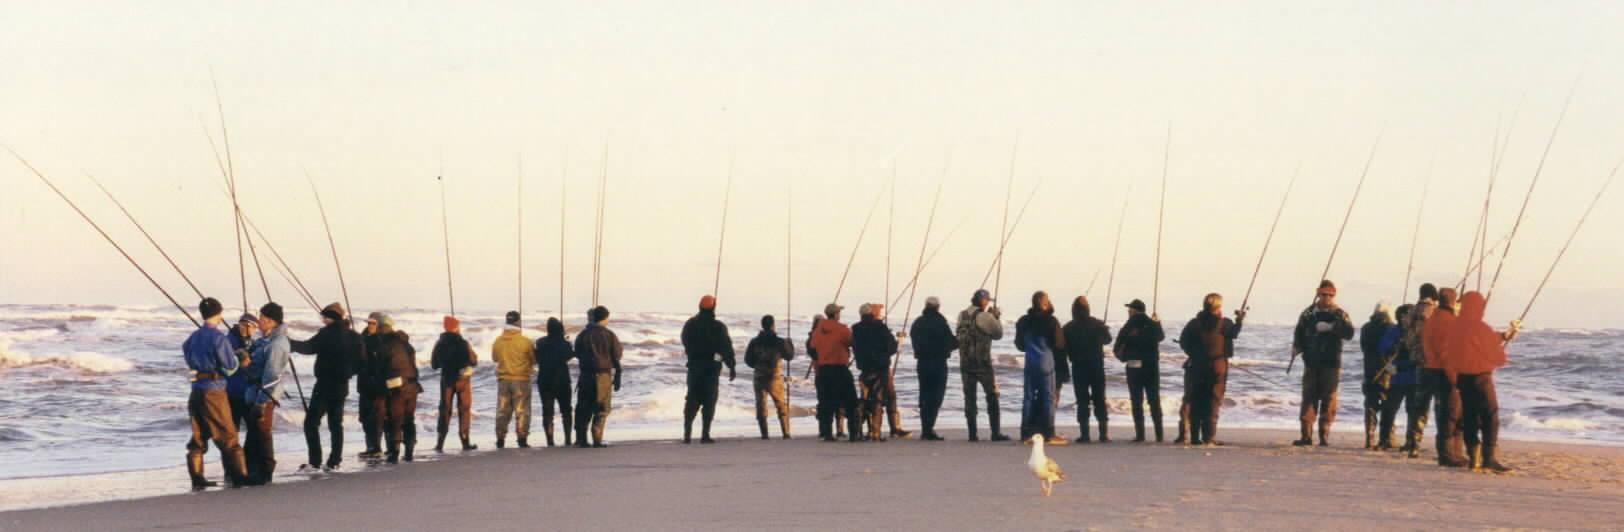 waiting4dfish.jpg